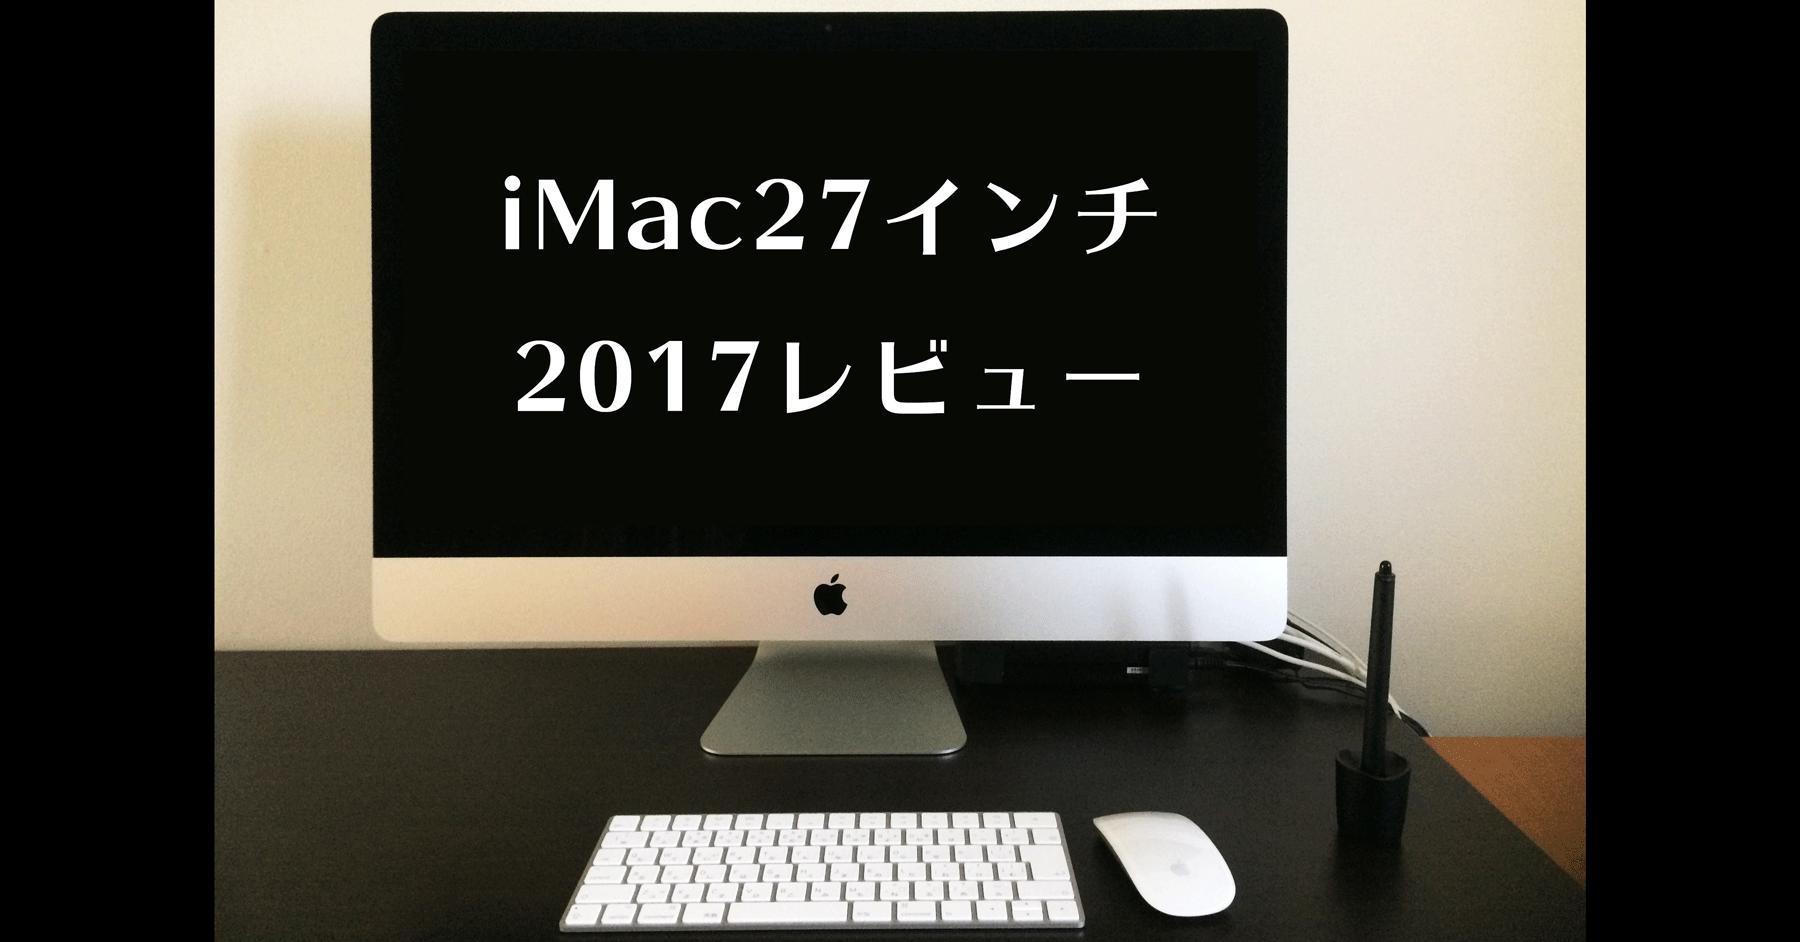 iMac 27インチ Retina 5Kディスプレイモデル(3.8GHz)(MNED2J/A)のレビュー